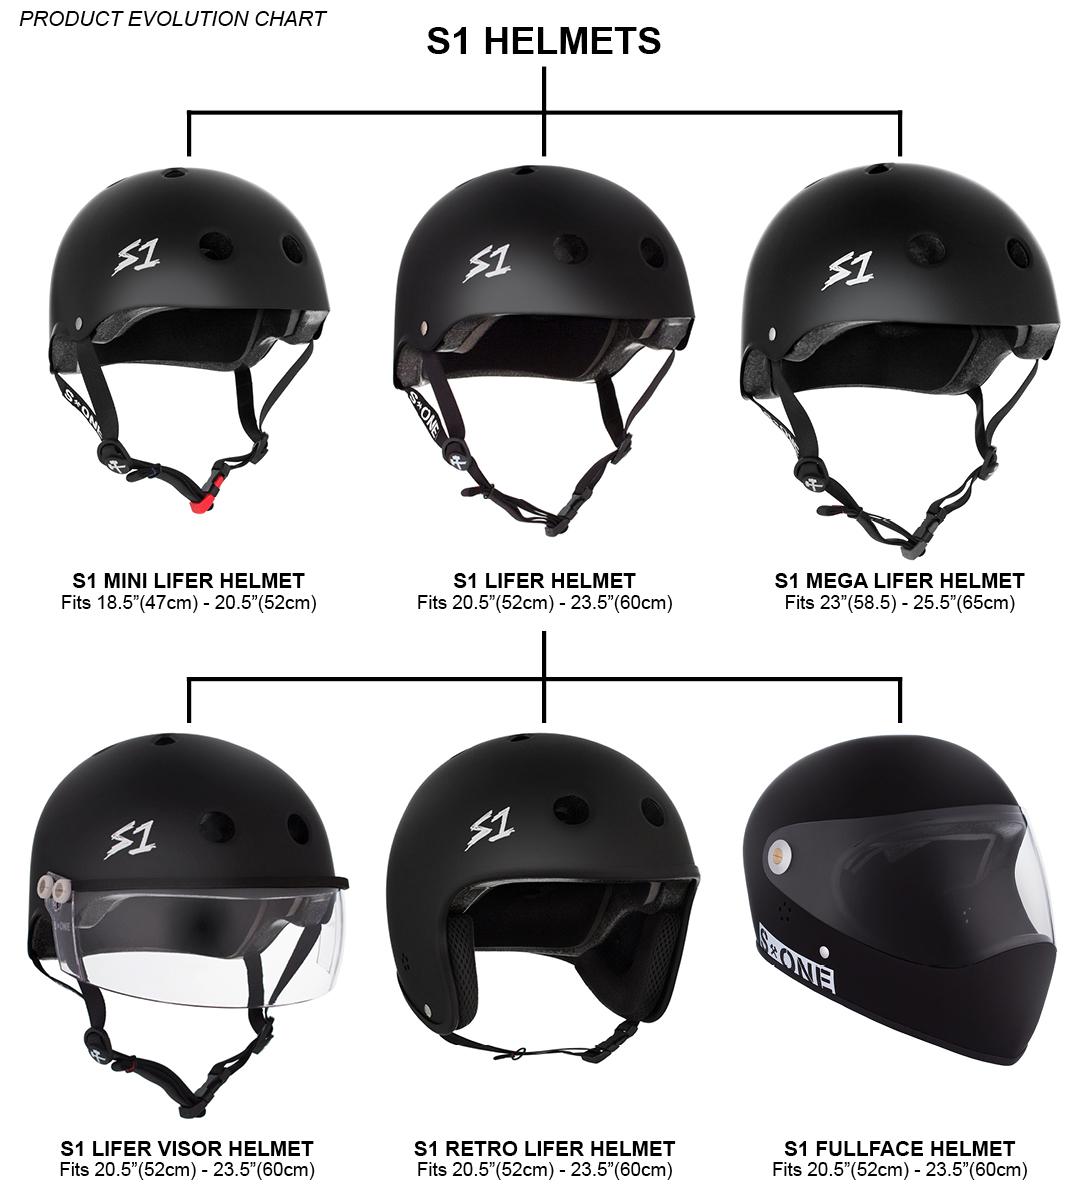 2019-s1-helmet-family-tree-1-.jpg